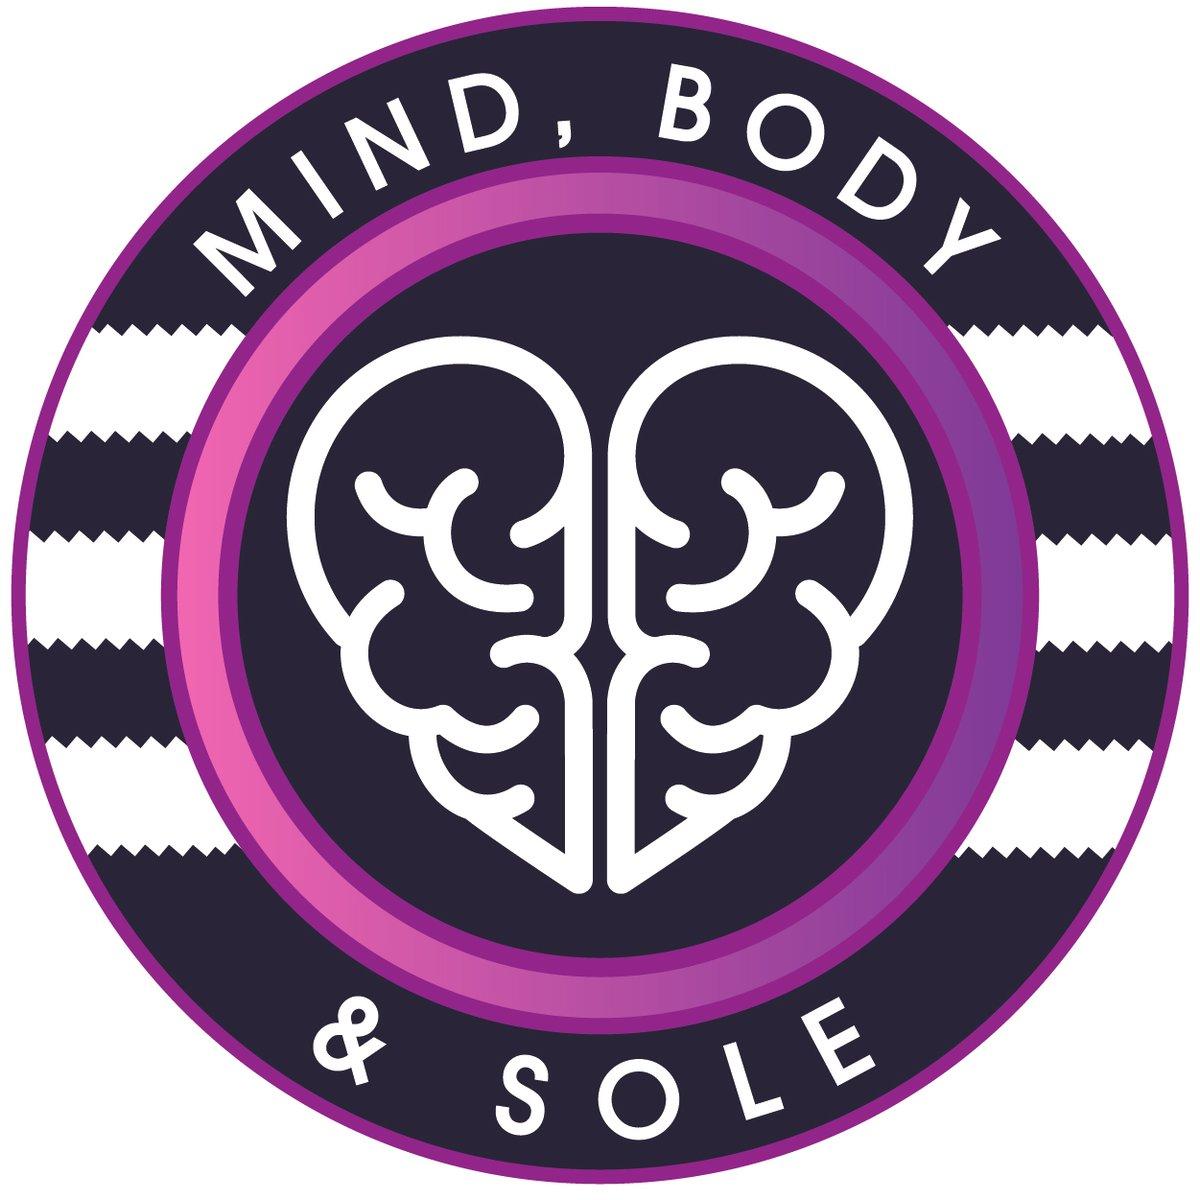 www.mindbodysole.uk